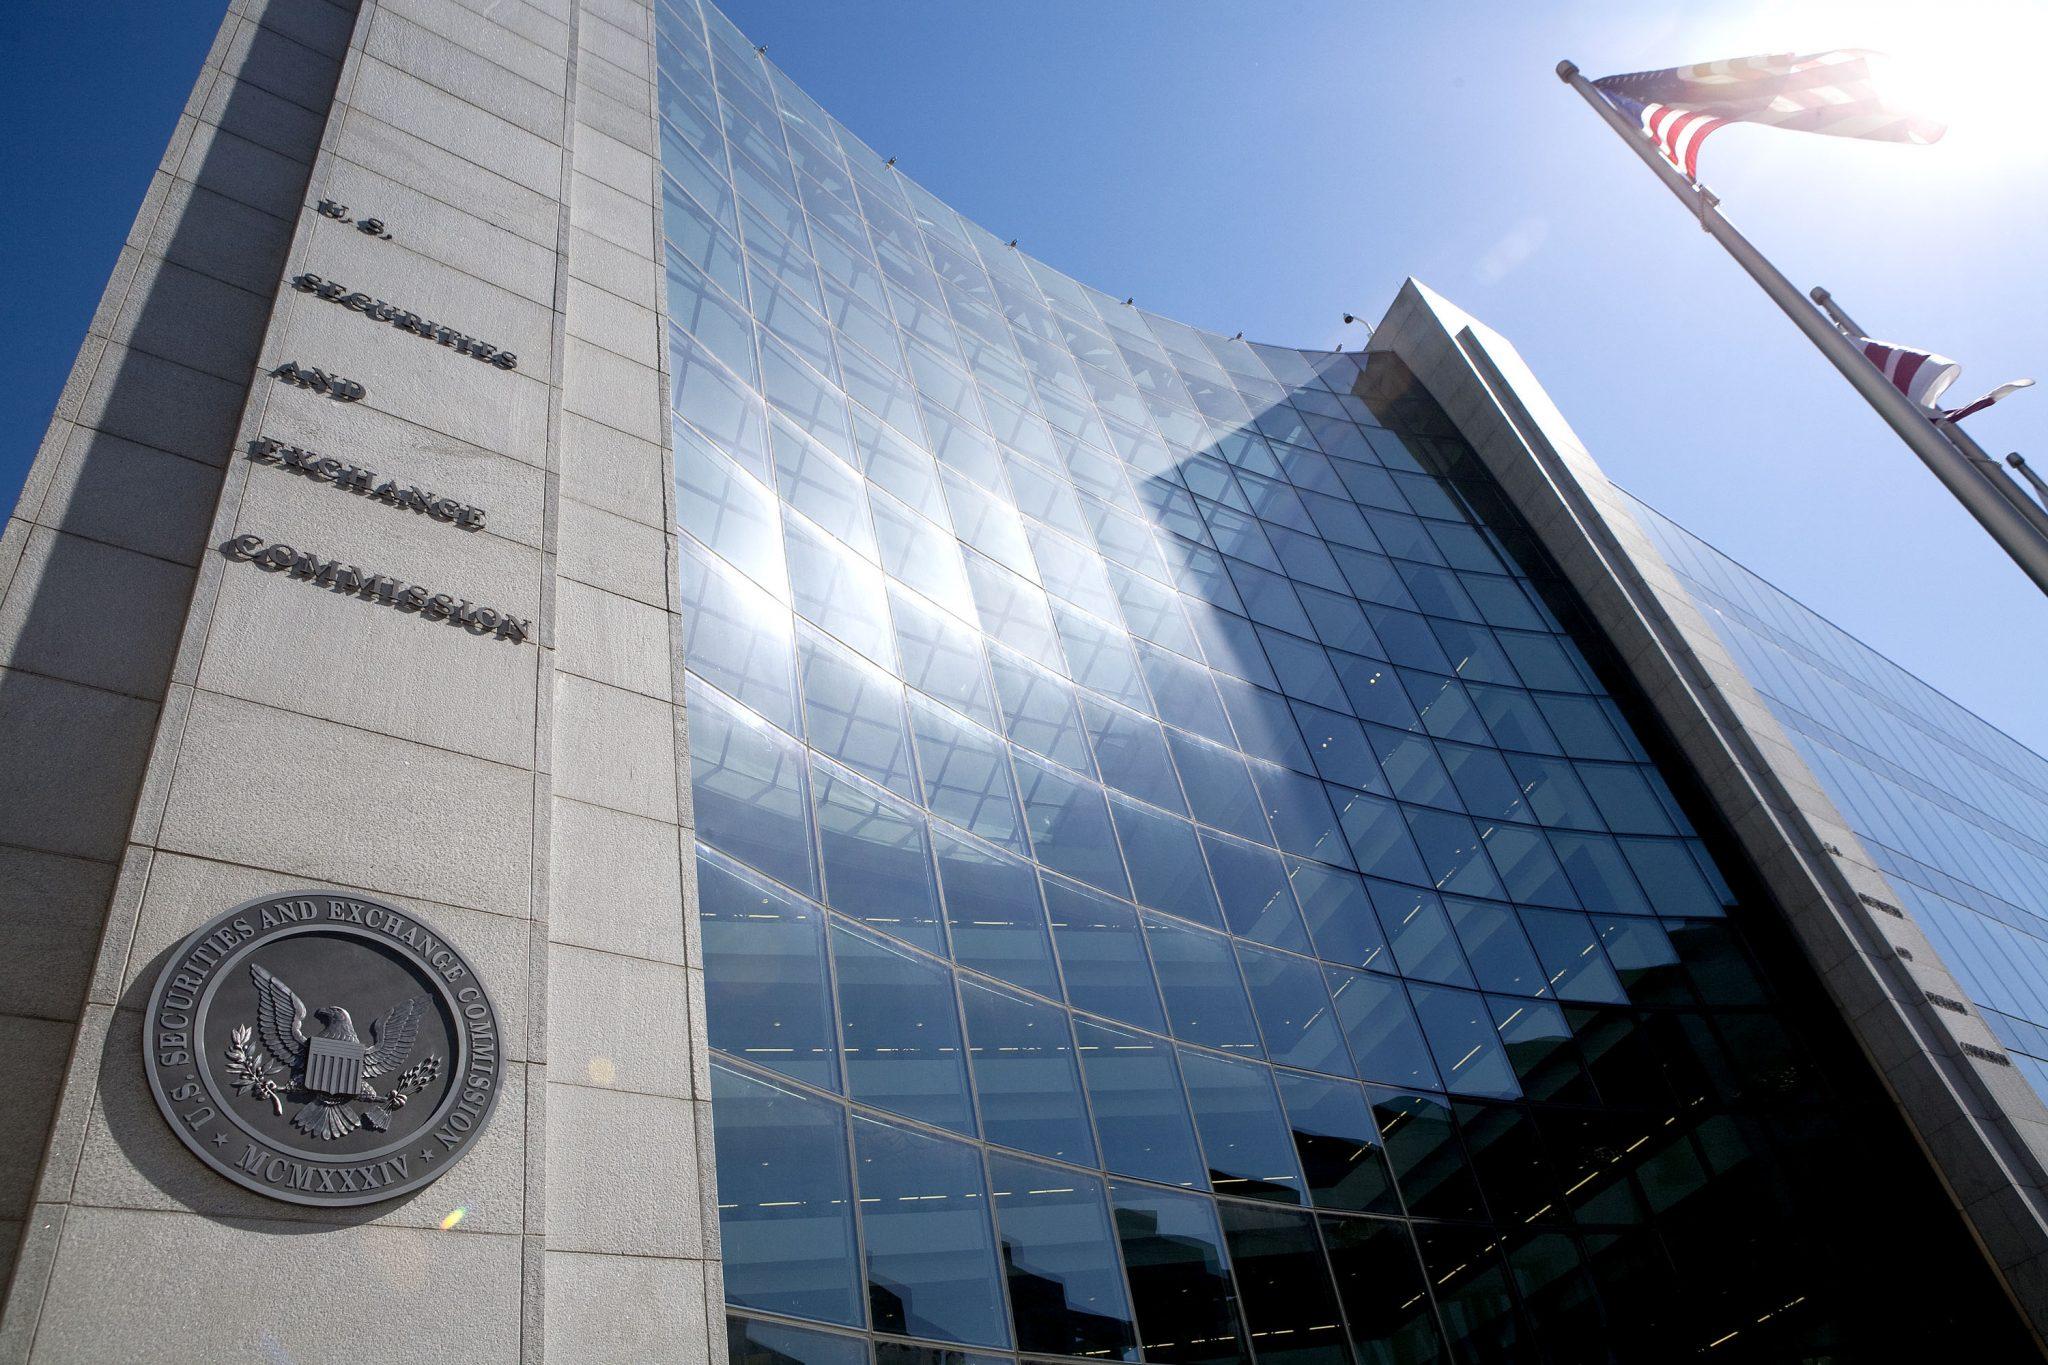 SEC решила пока не менять правила позволяющие использовать биткоины ETF